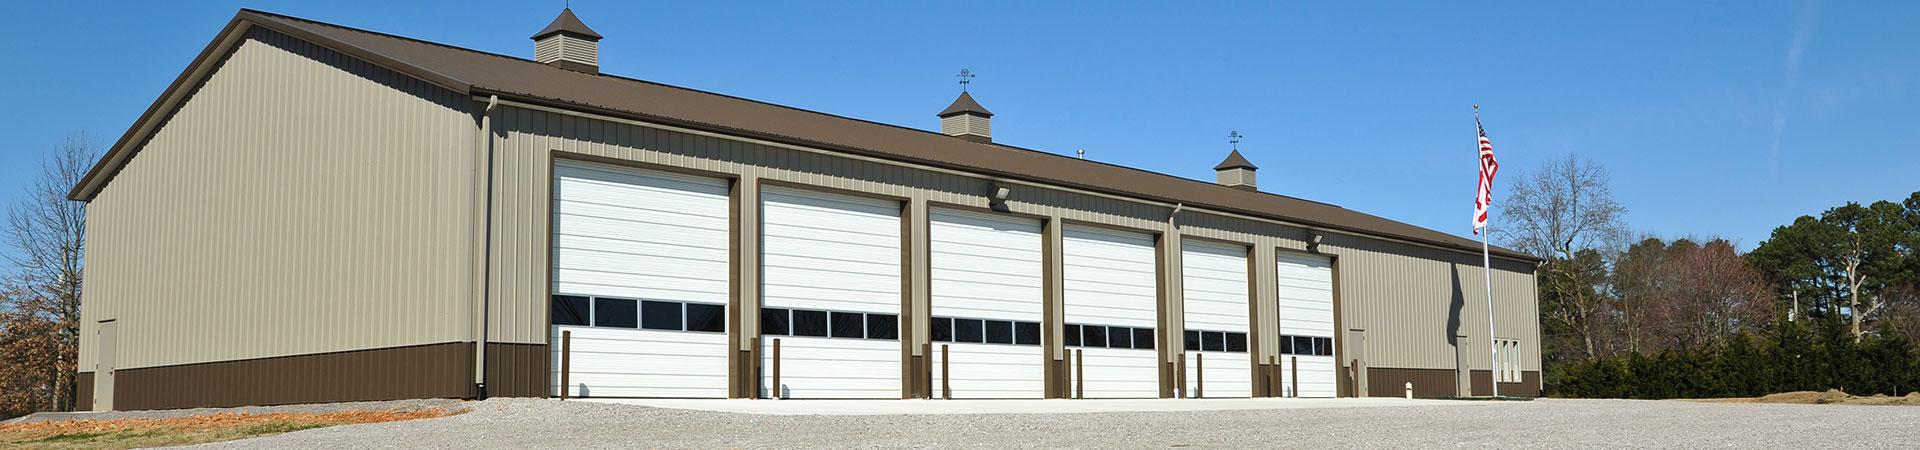 commercial-garage-doors